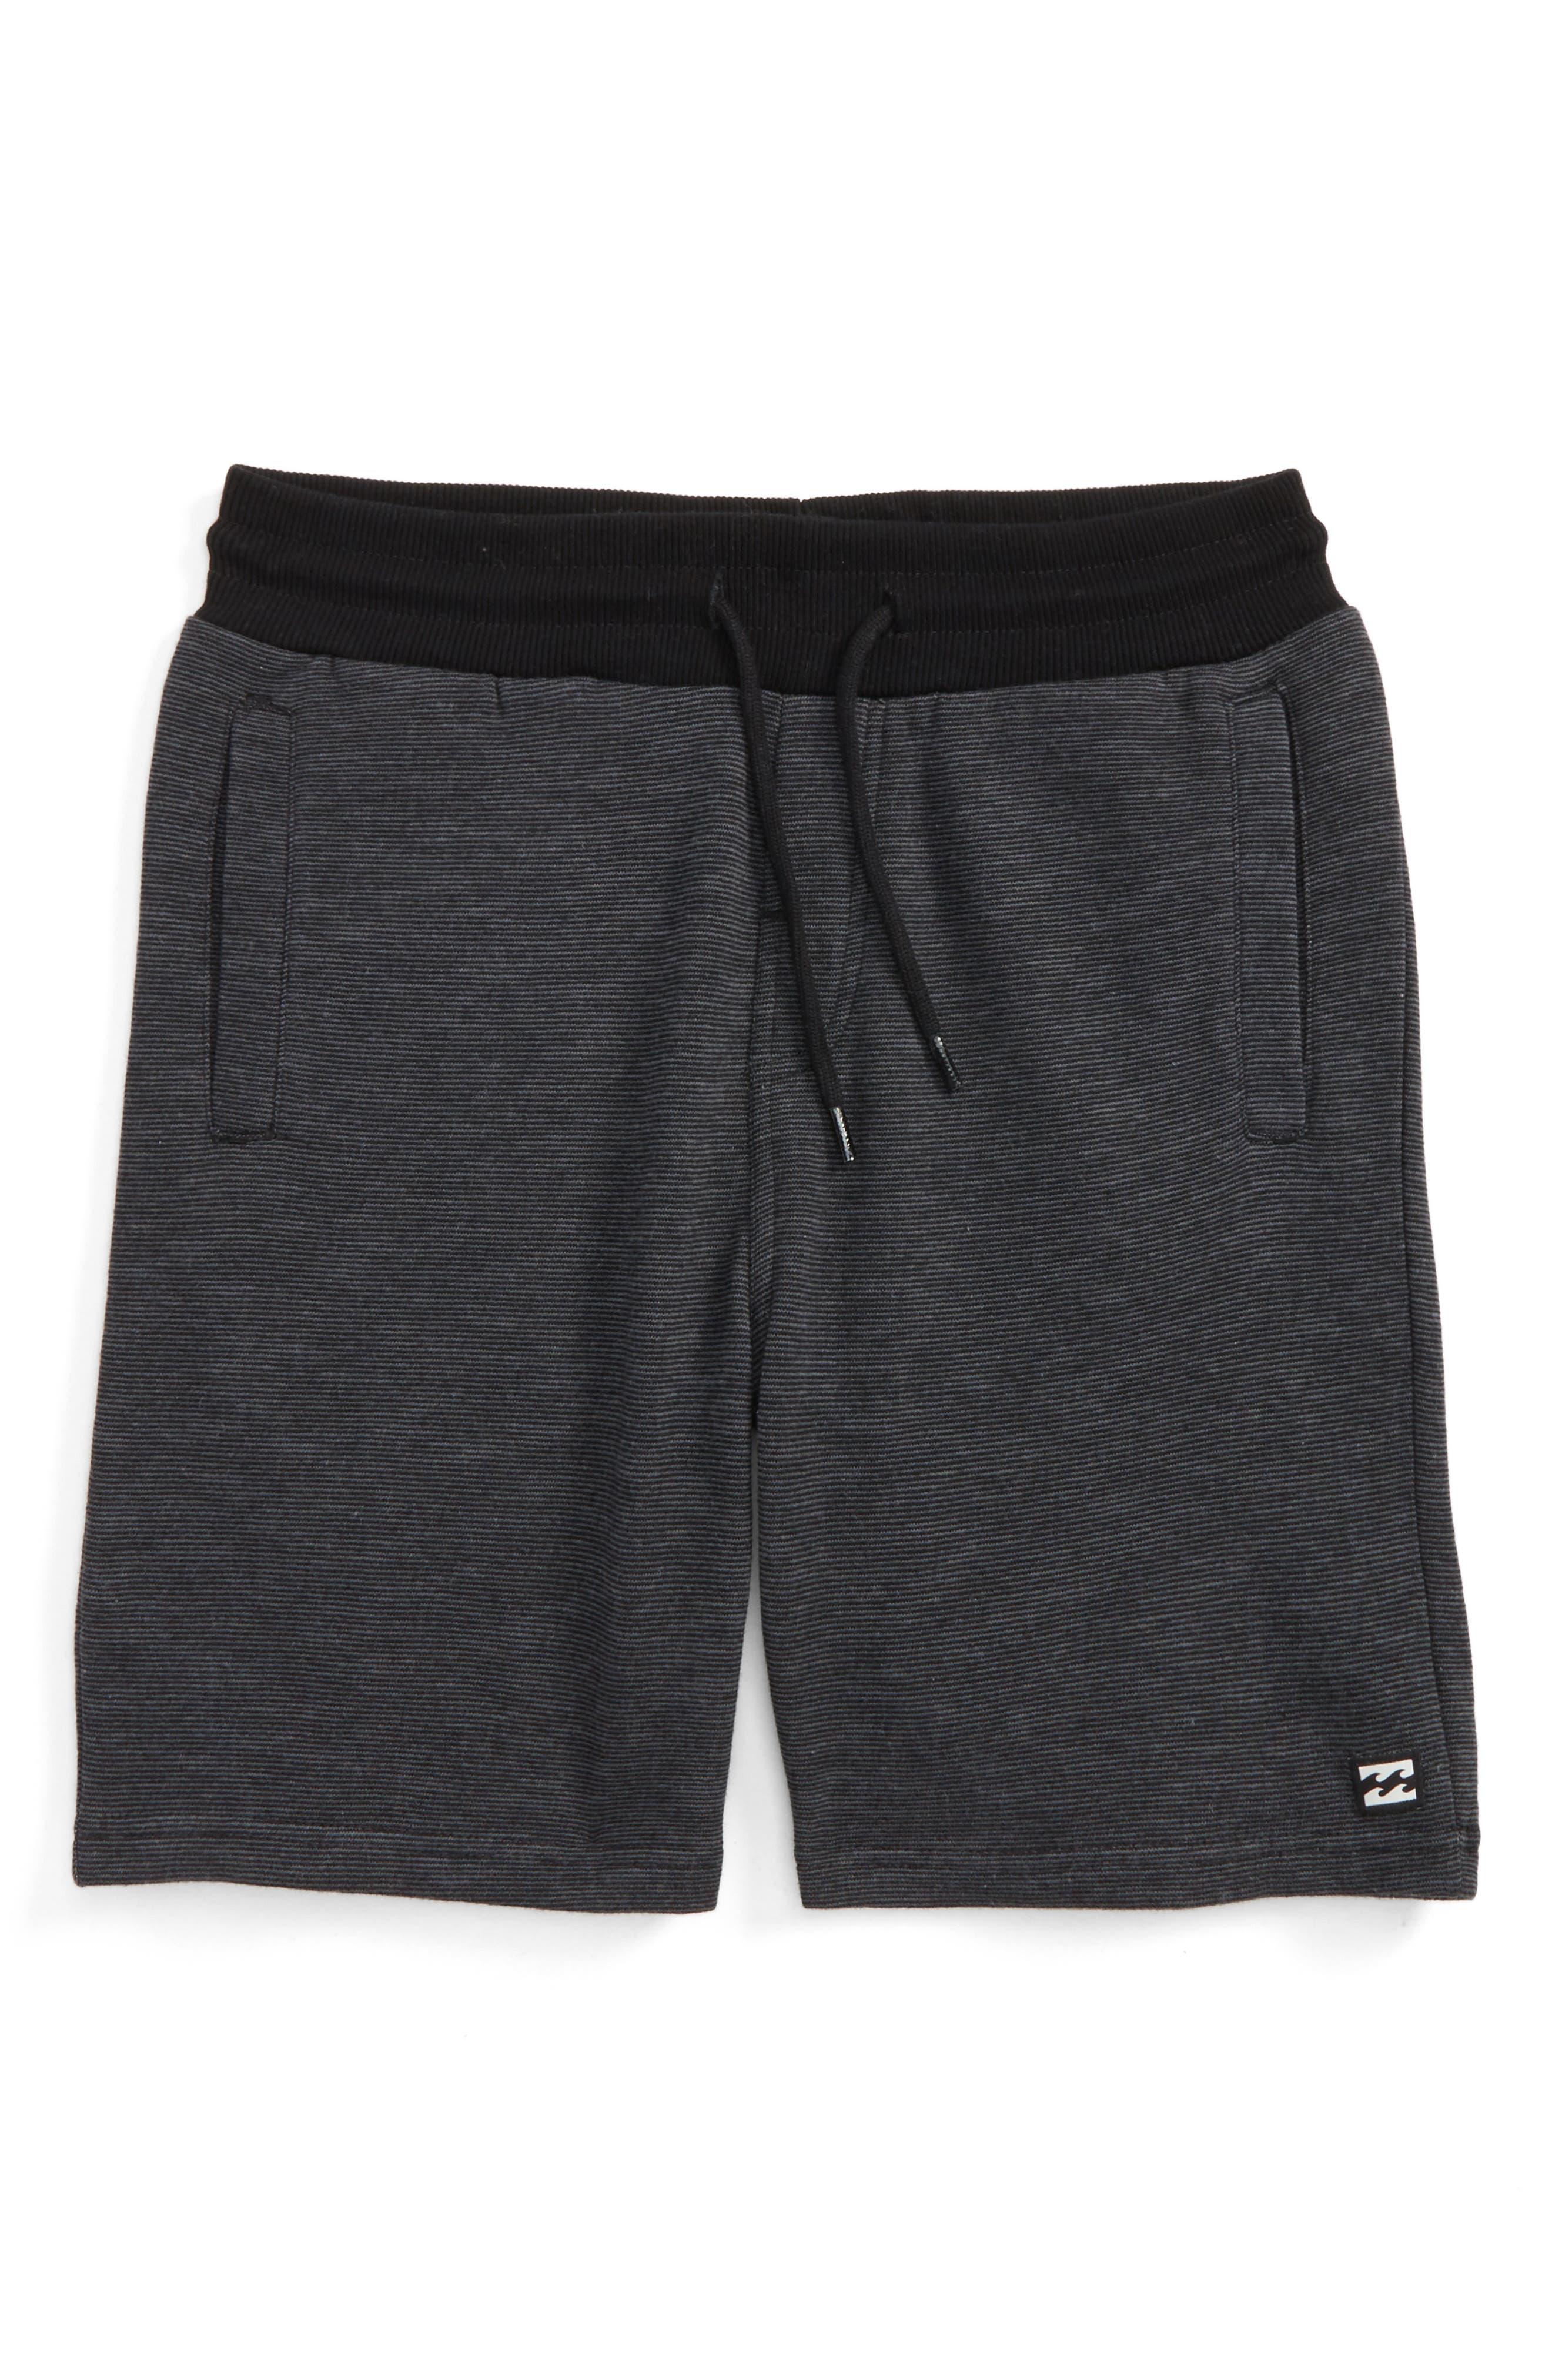 Balance Shorts,                         Main,                         color, 002